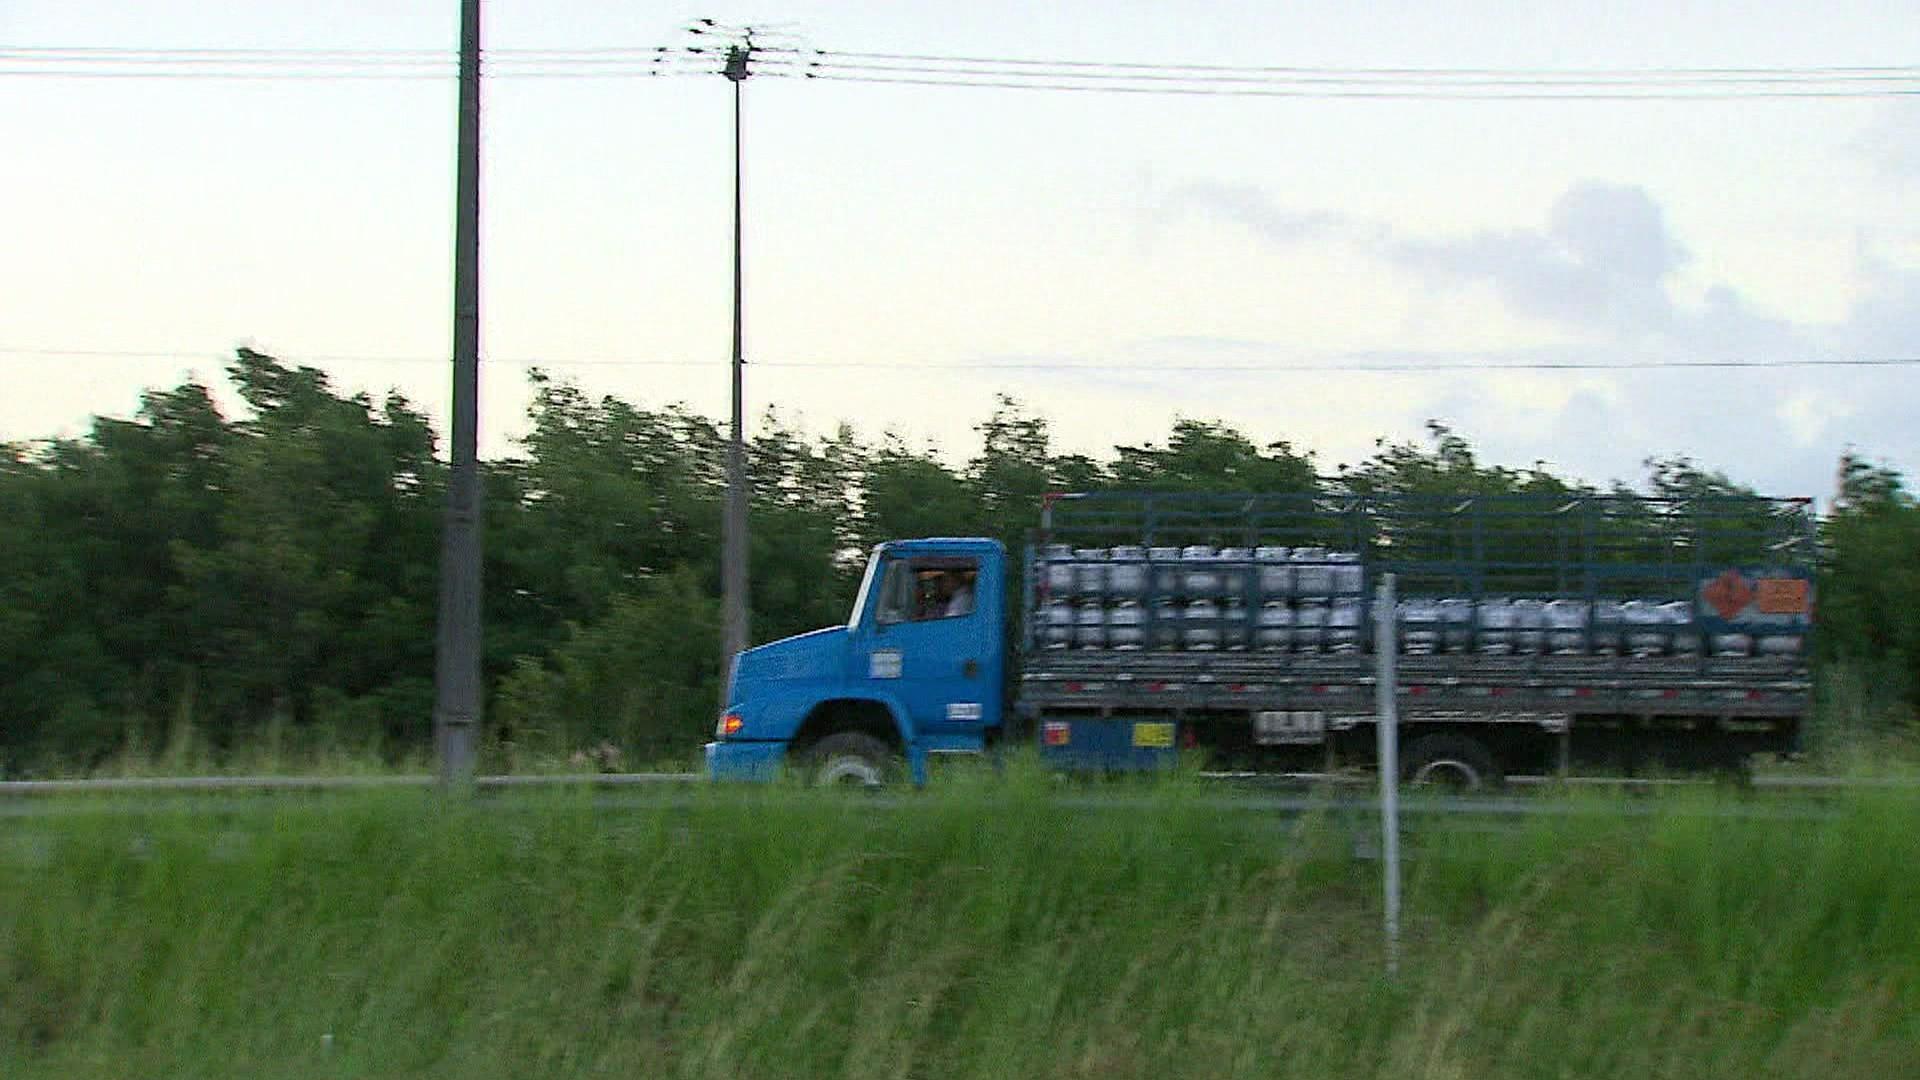 Serviço auxilia caminhoneiros a localizar pontos de apoio em Pernambuco durante pandemia